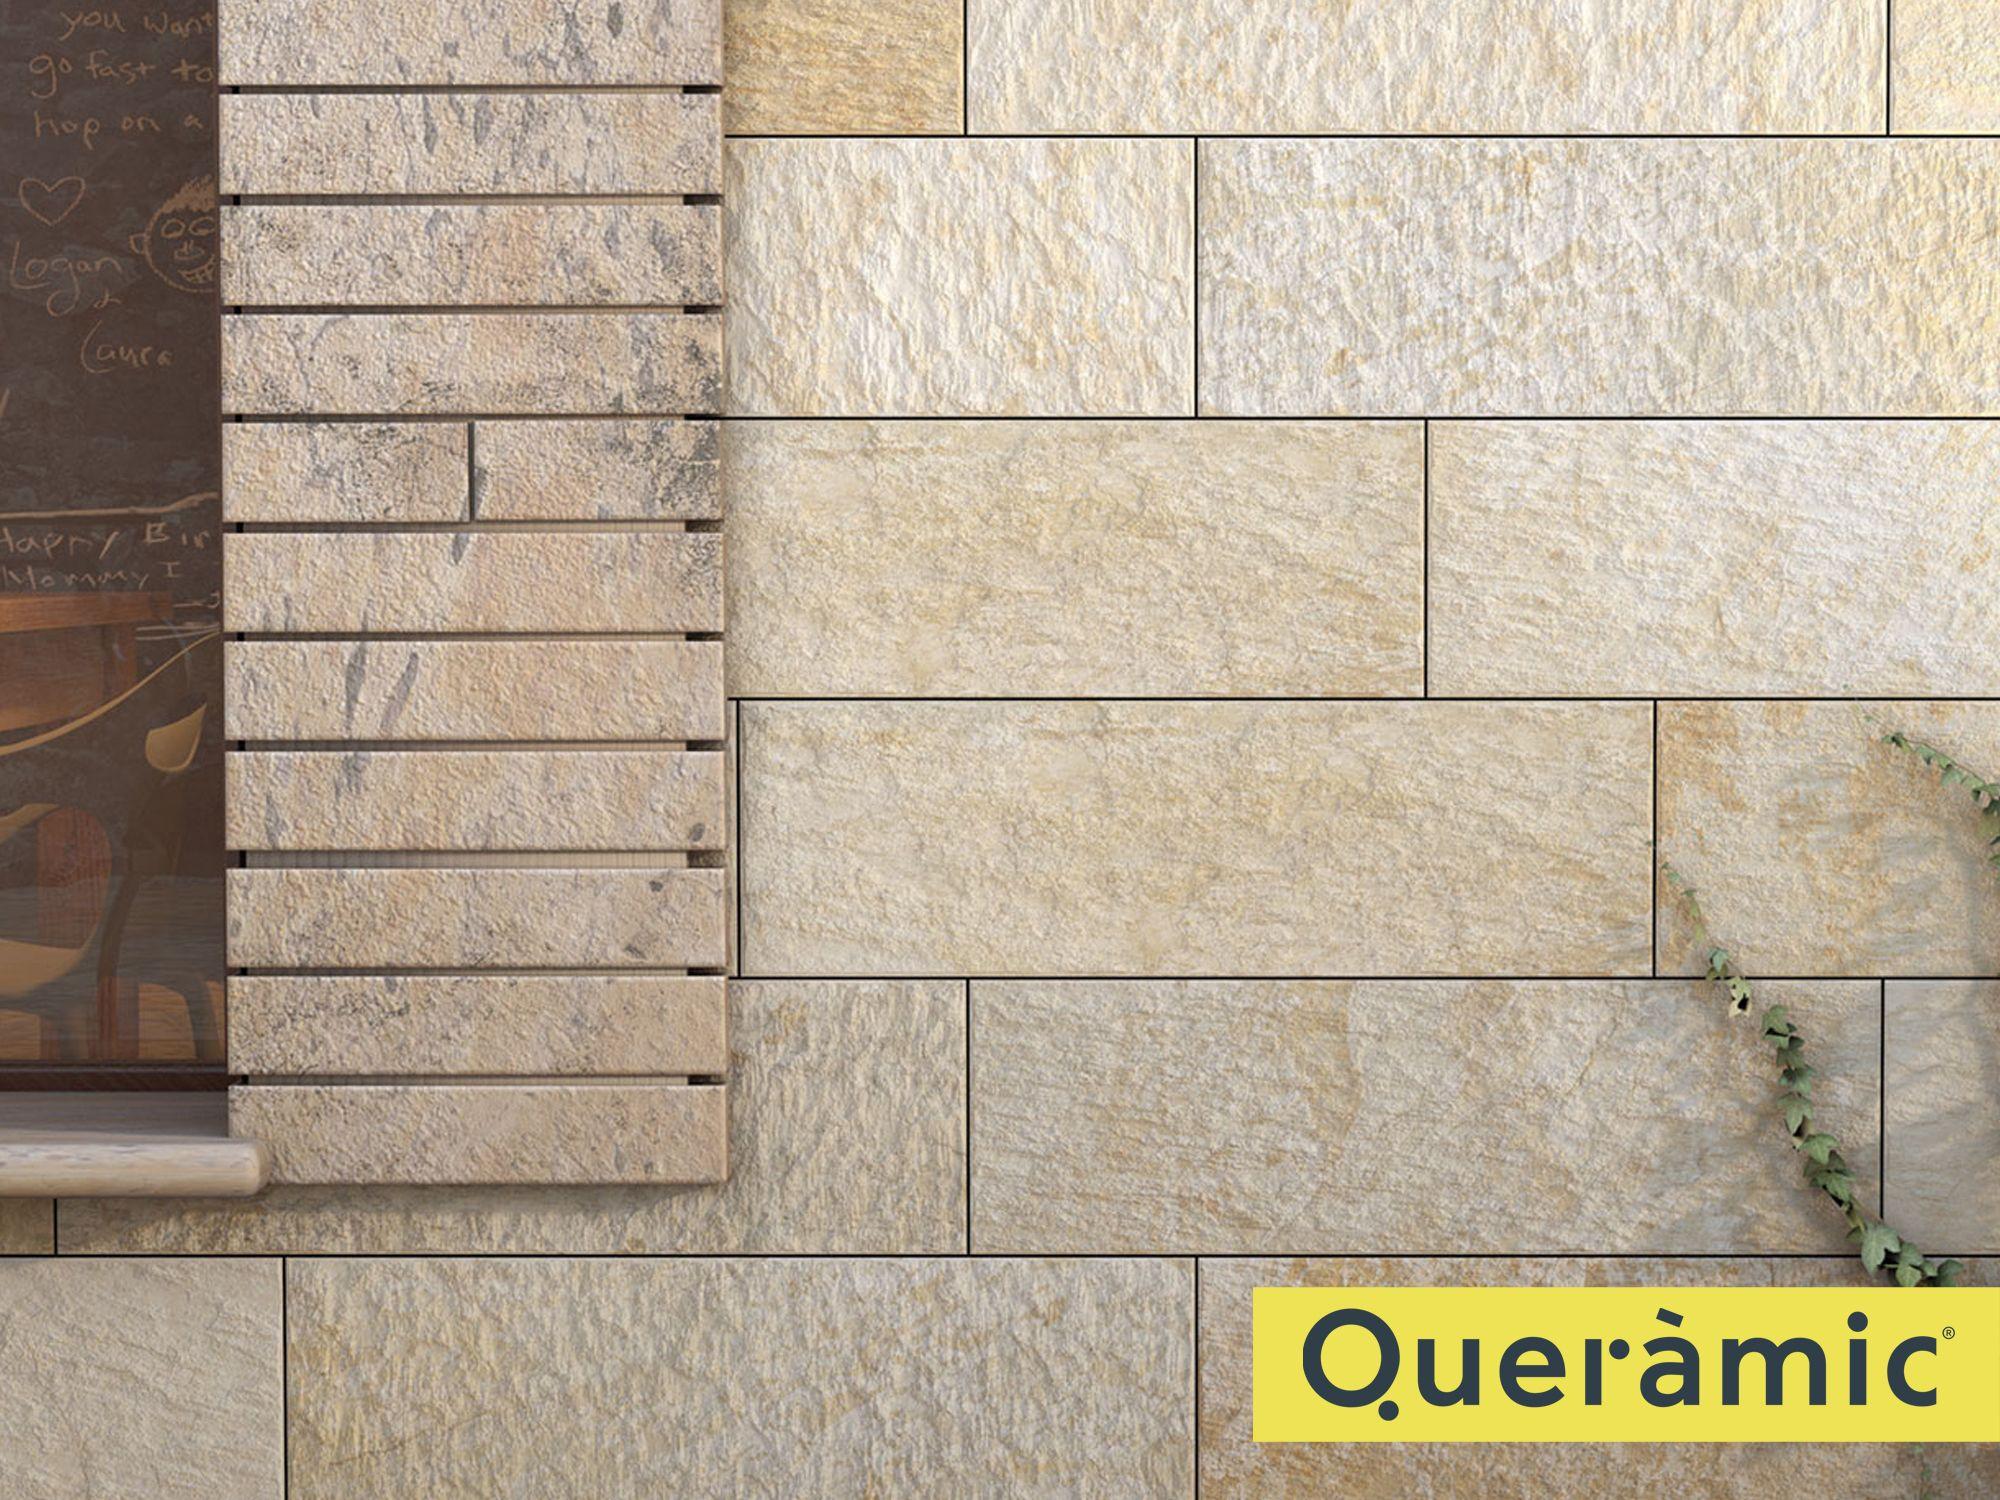 16 5x50 Para Revestir Tus Ambientes Interiores Y Exteriores Con El Toque Elegante De La Piedra Areni Ceramica Exterior Revestimientos Ceramicos Revestimiento